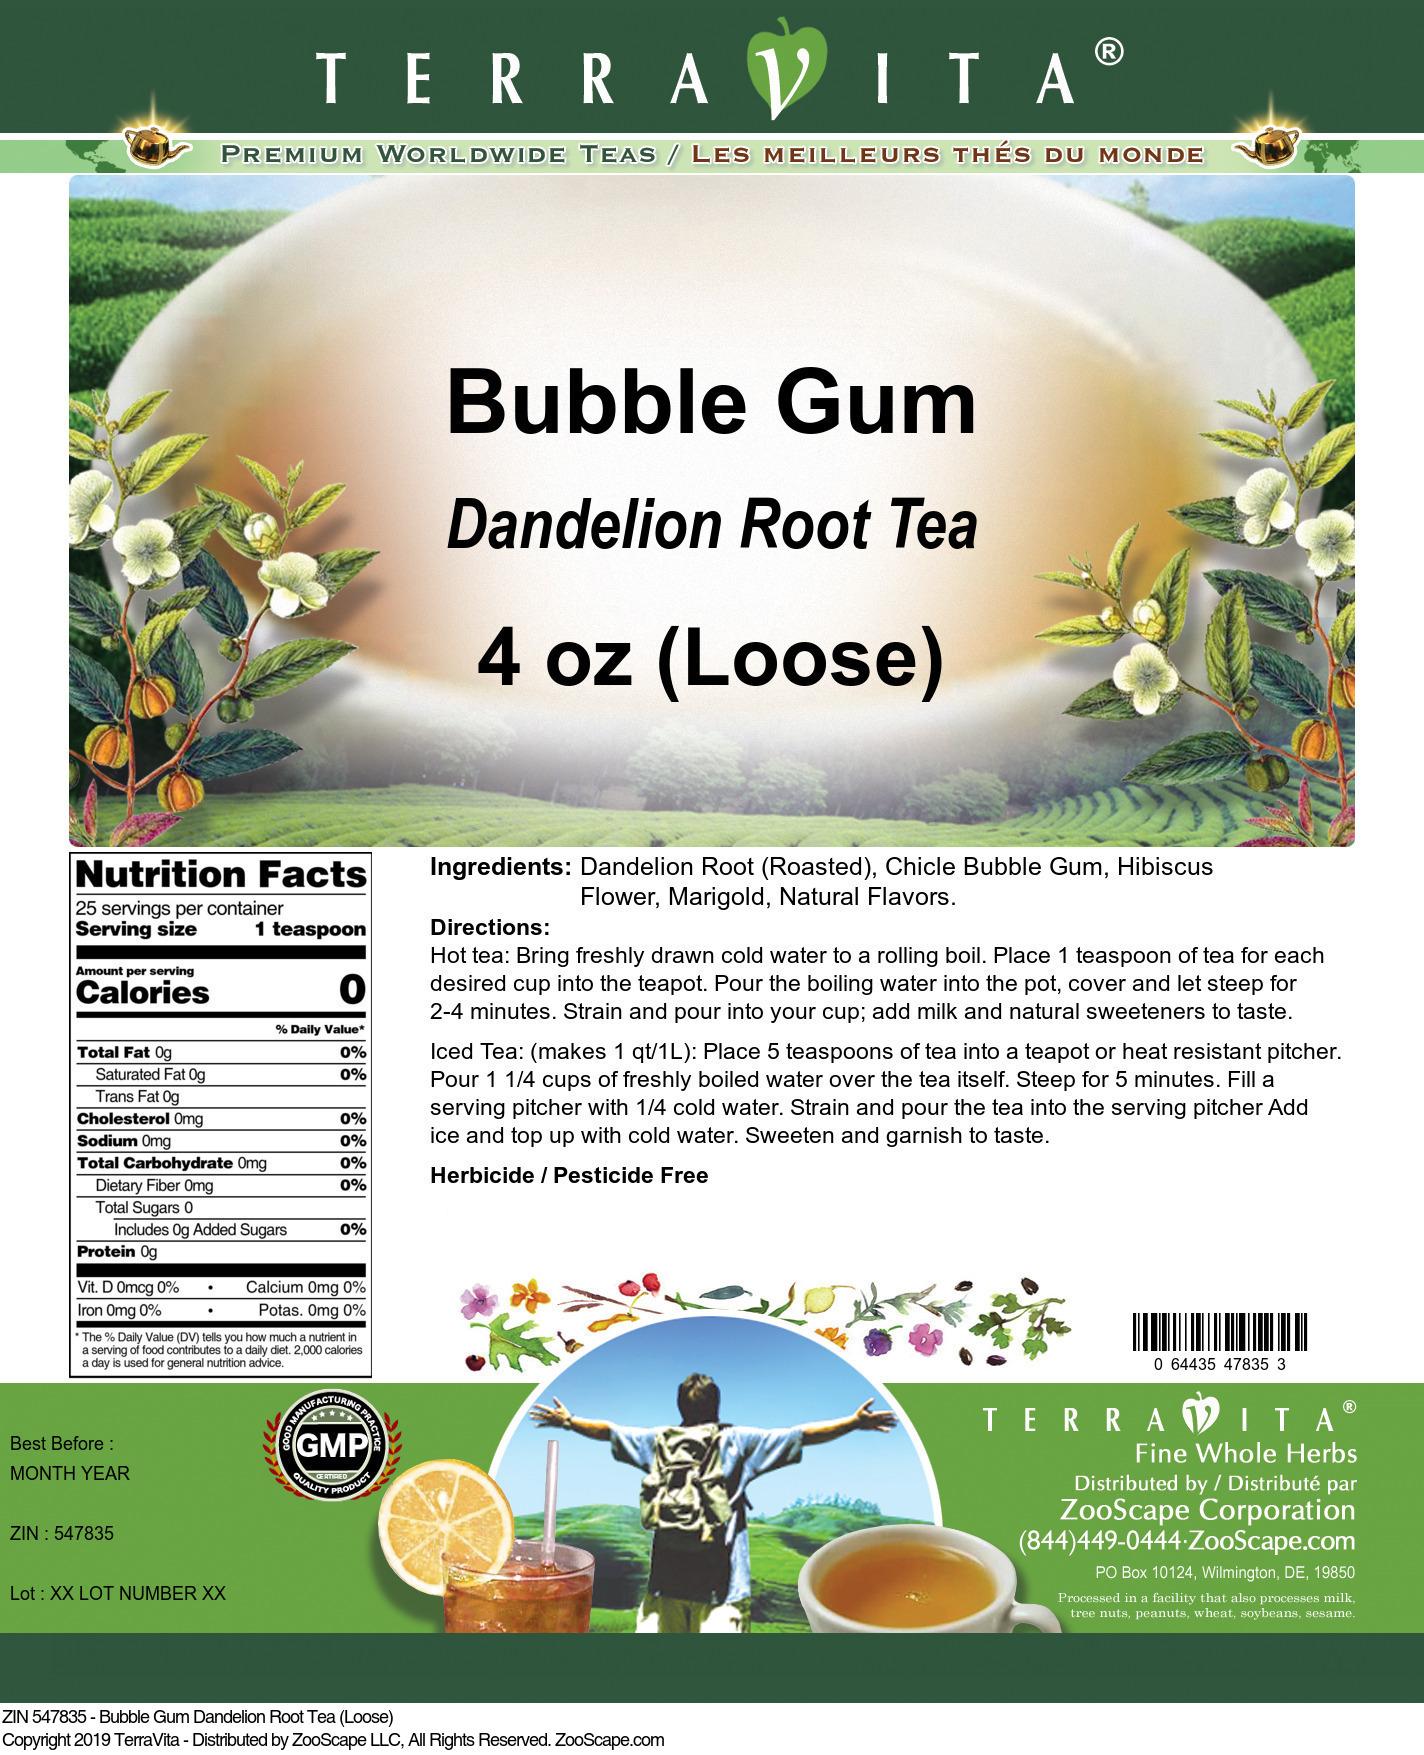 Bubble Gum Dandelion Root